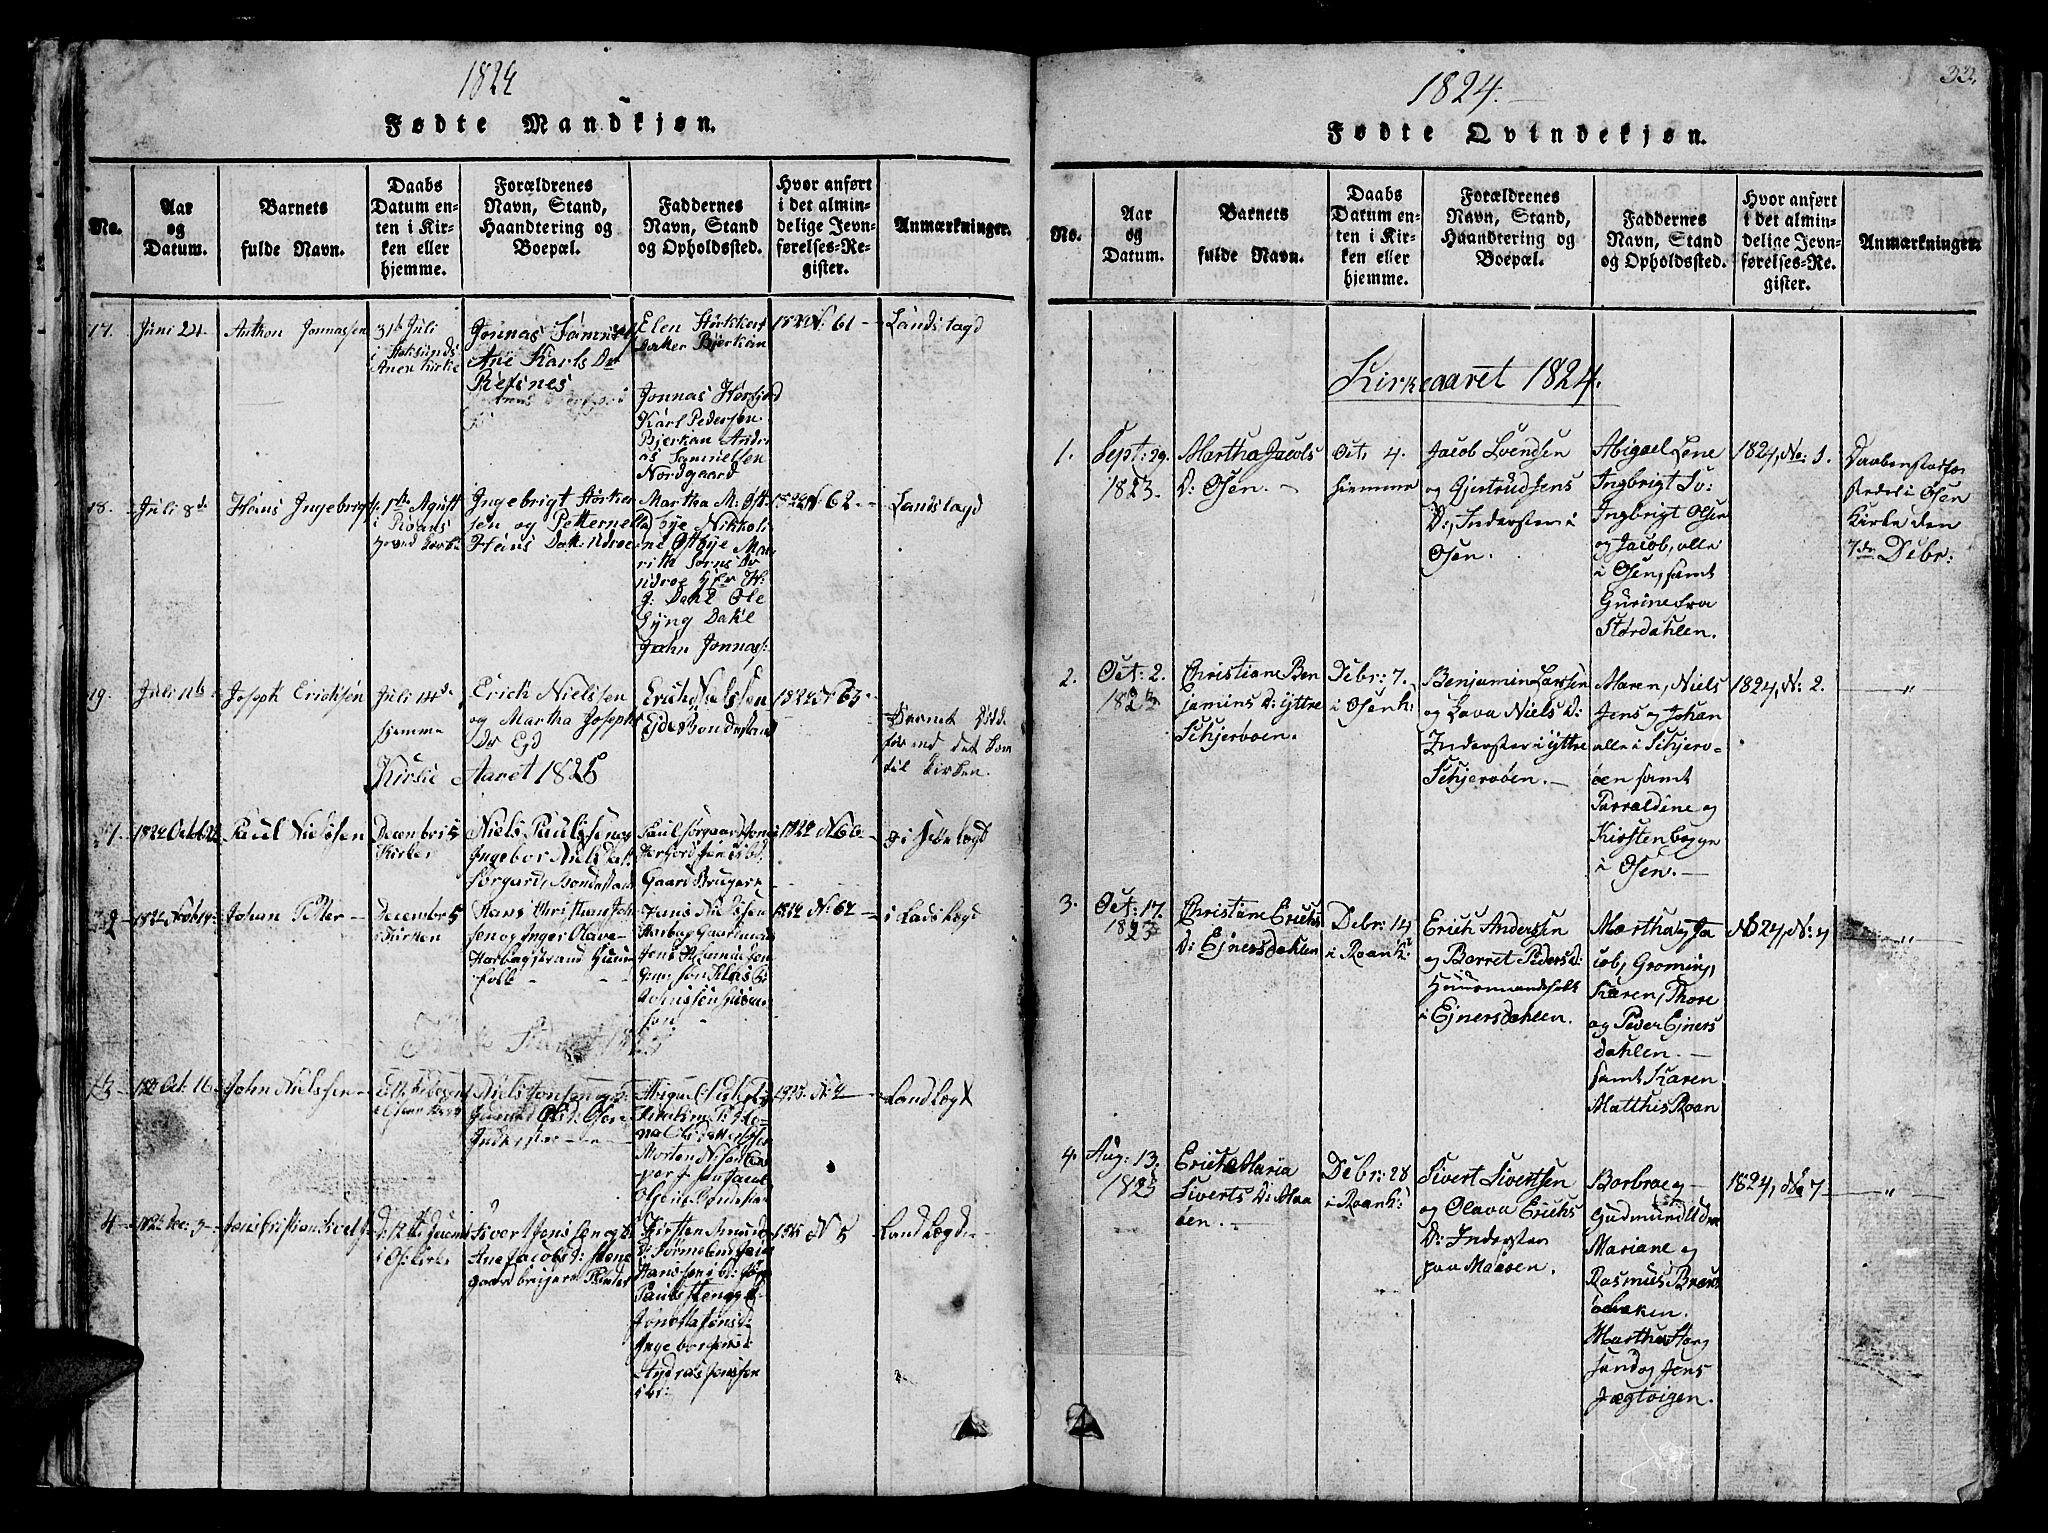 SAT, Ministerialprotokoller, klokkerbøker og fødselsregistre - Sør-Trøndelag, 657/L0714: Klokkerbok nr. 657C01, 1818-1868, s. 33